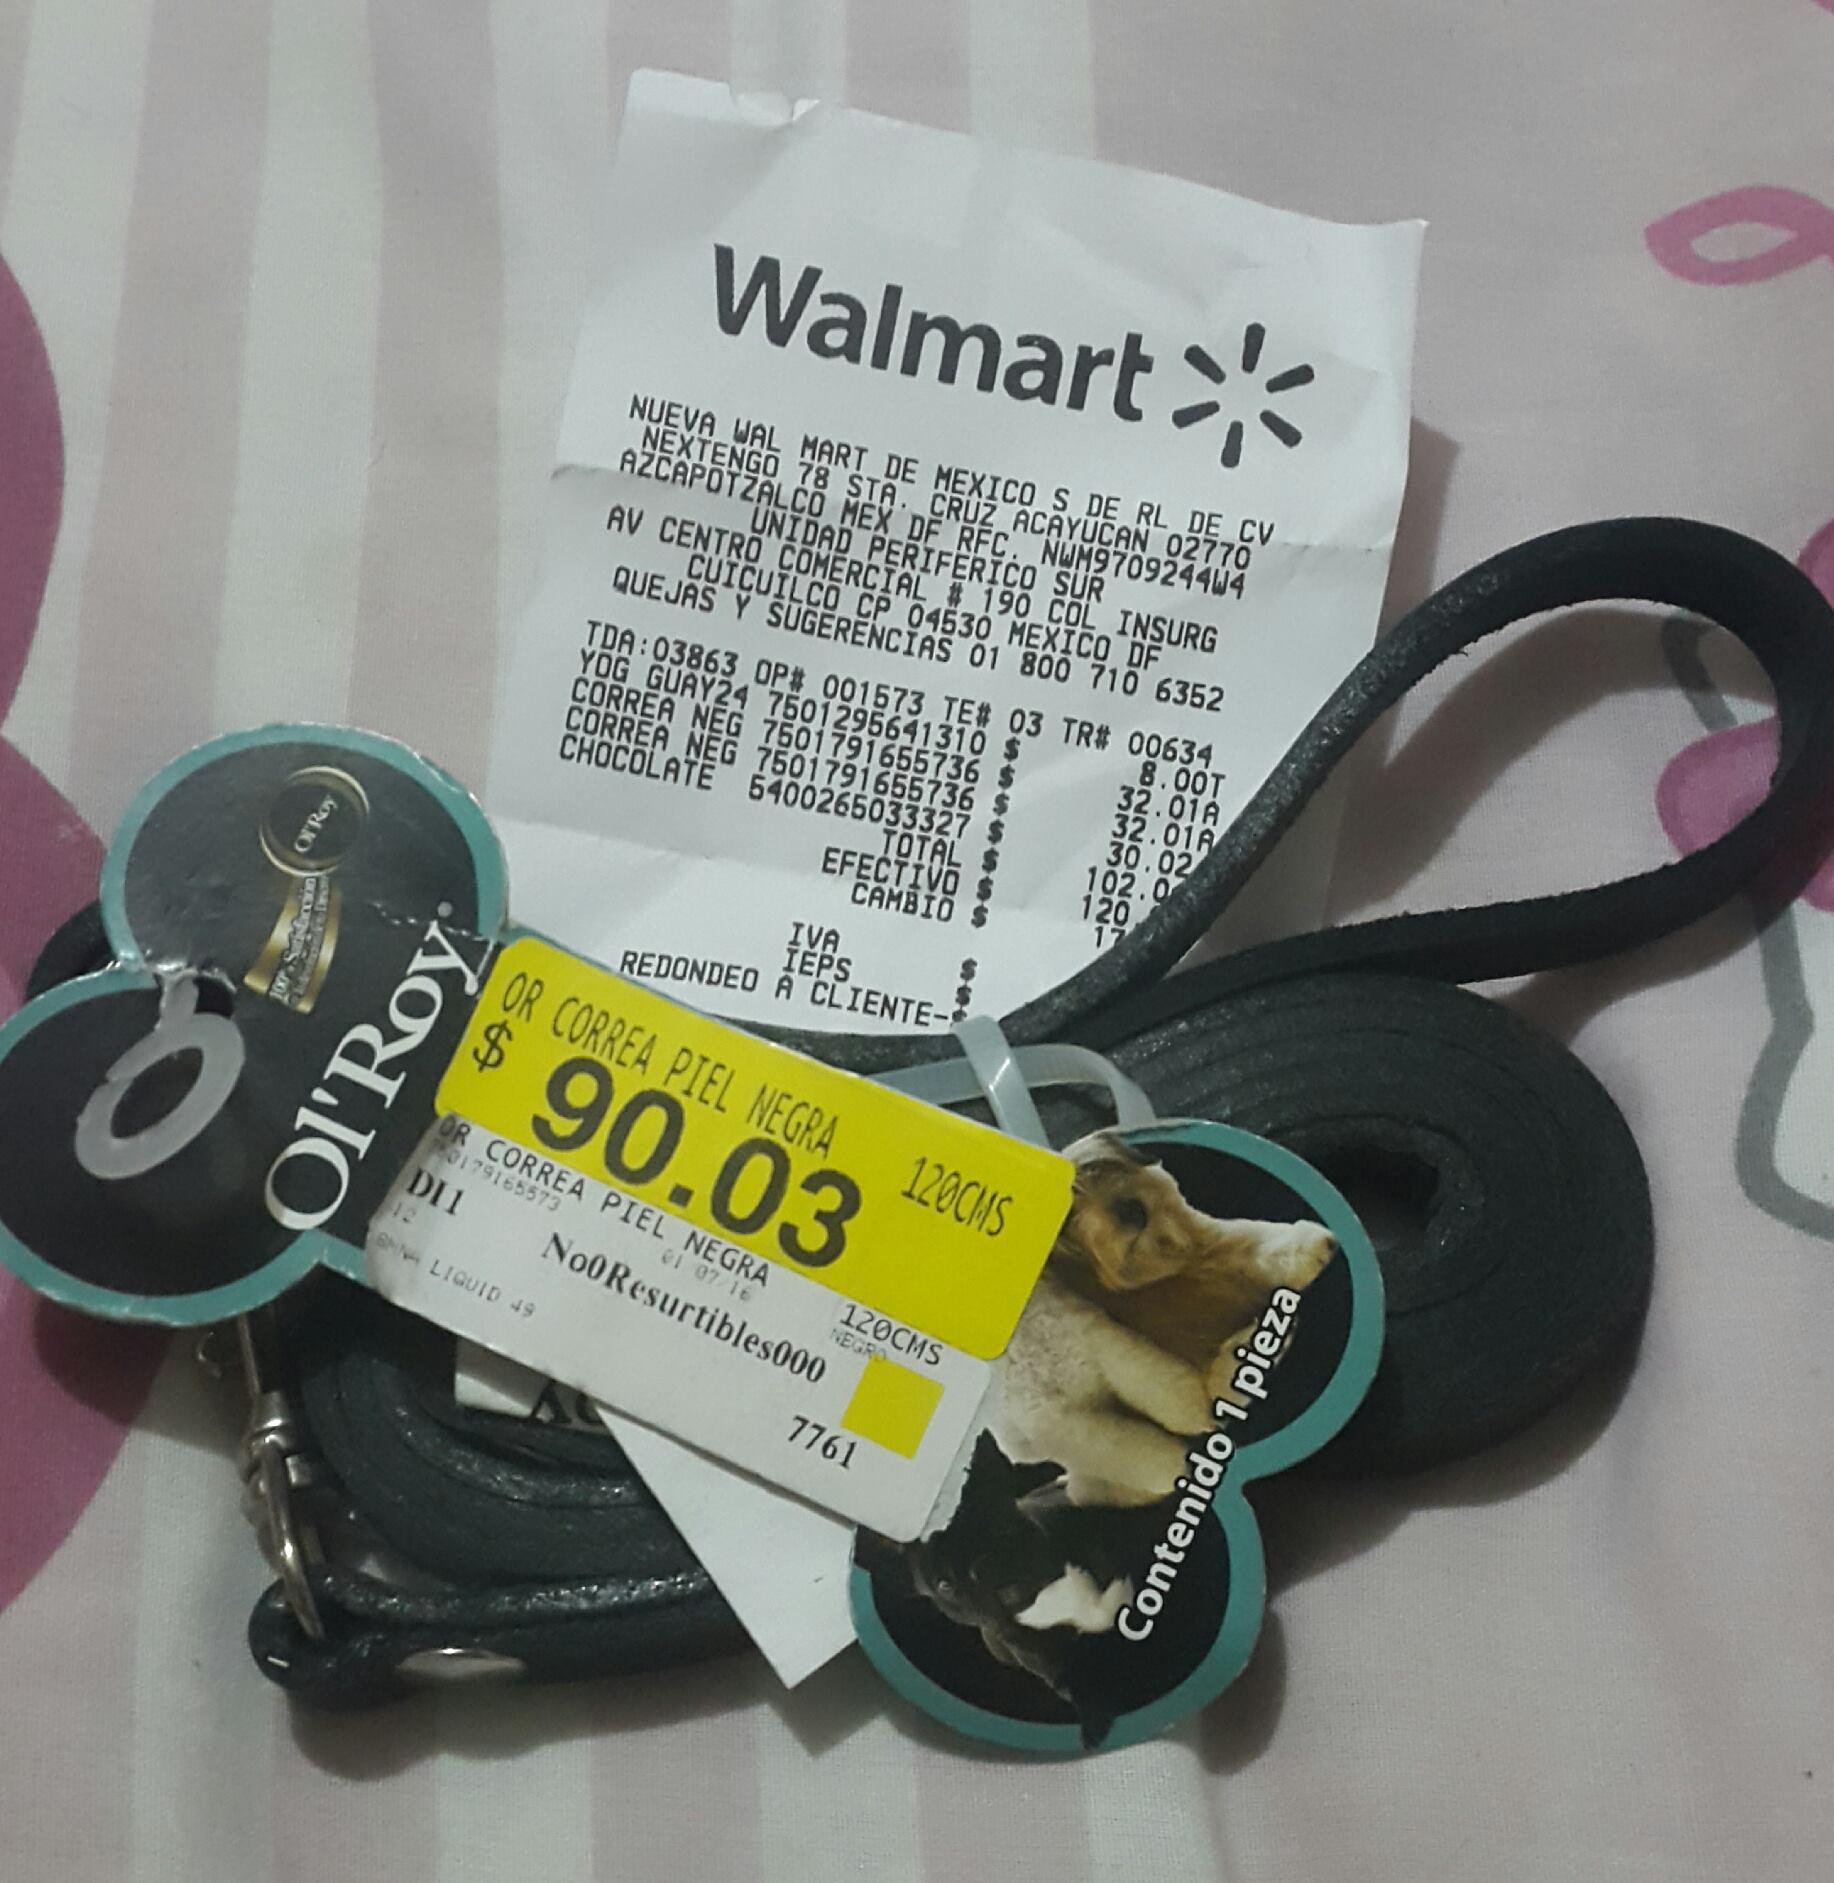 Walmart: Correa y collar mascota cuero $32.01